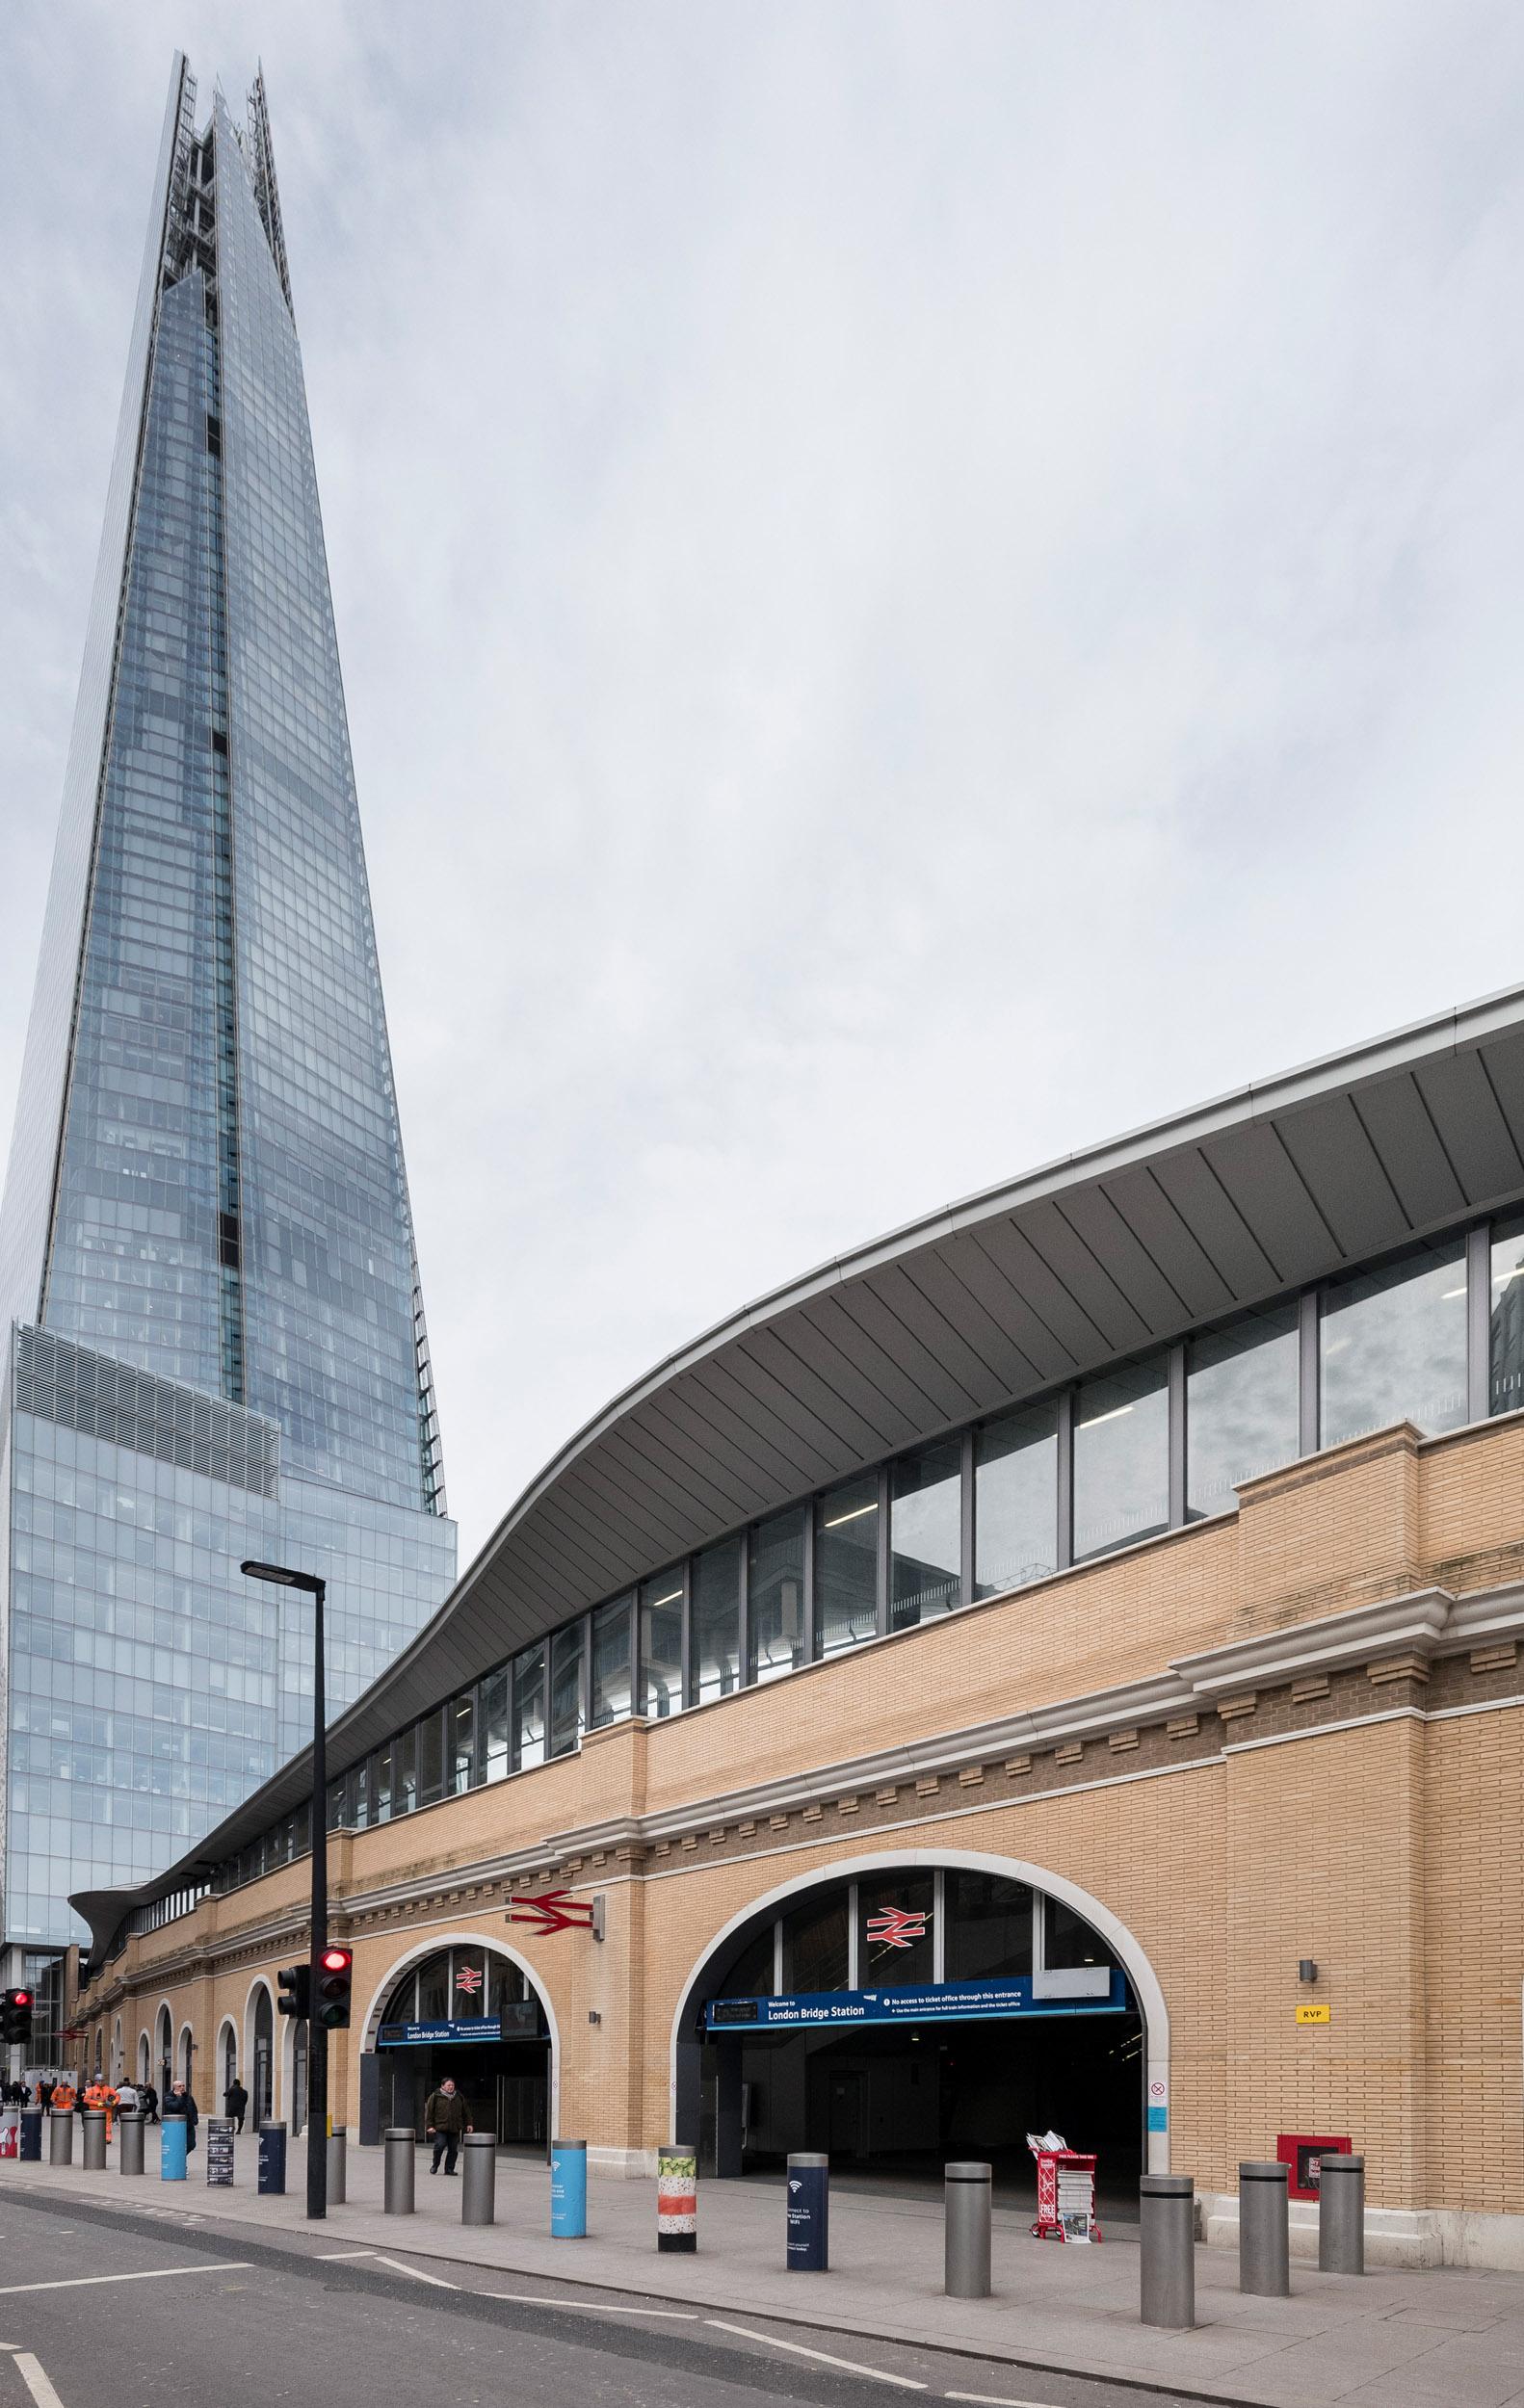 London Bridge Station 026.jpg